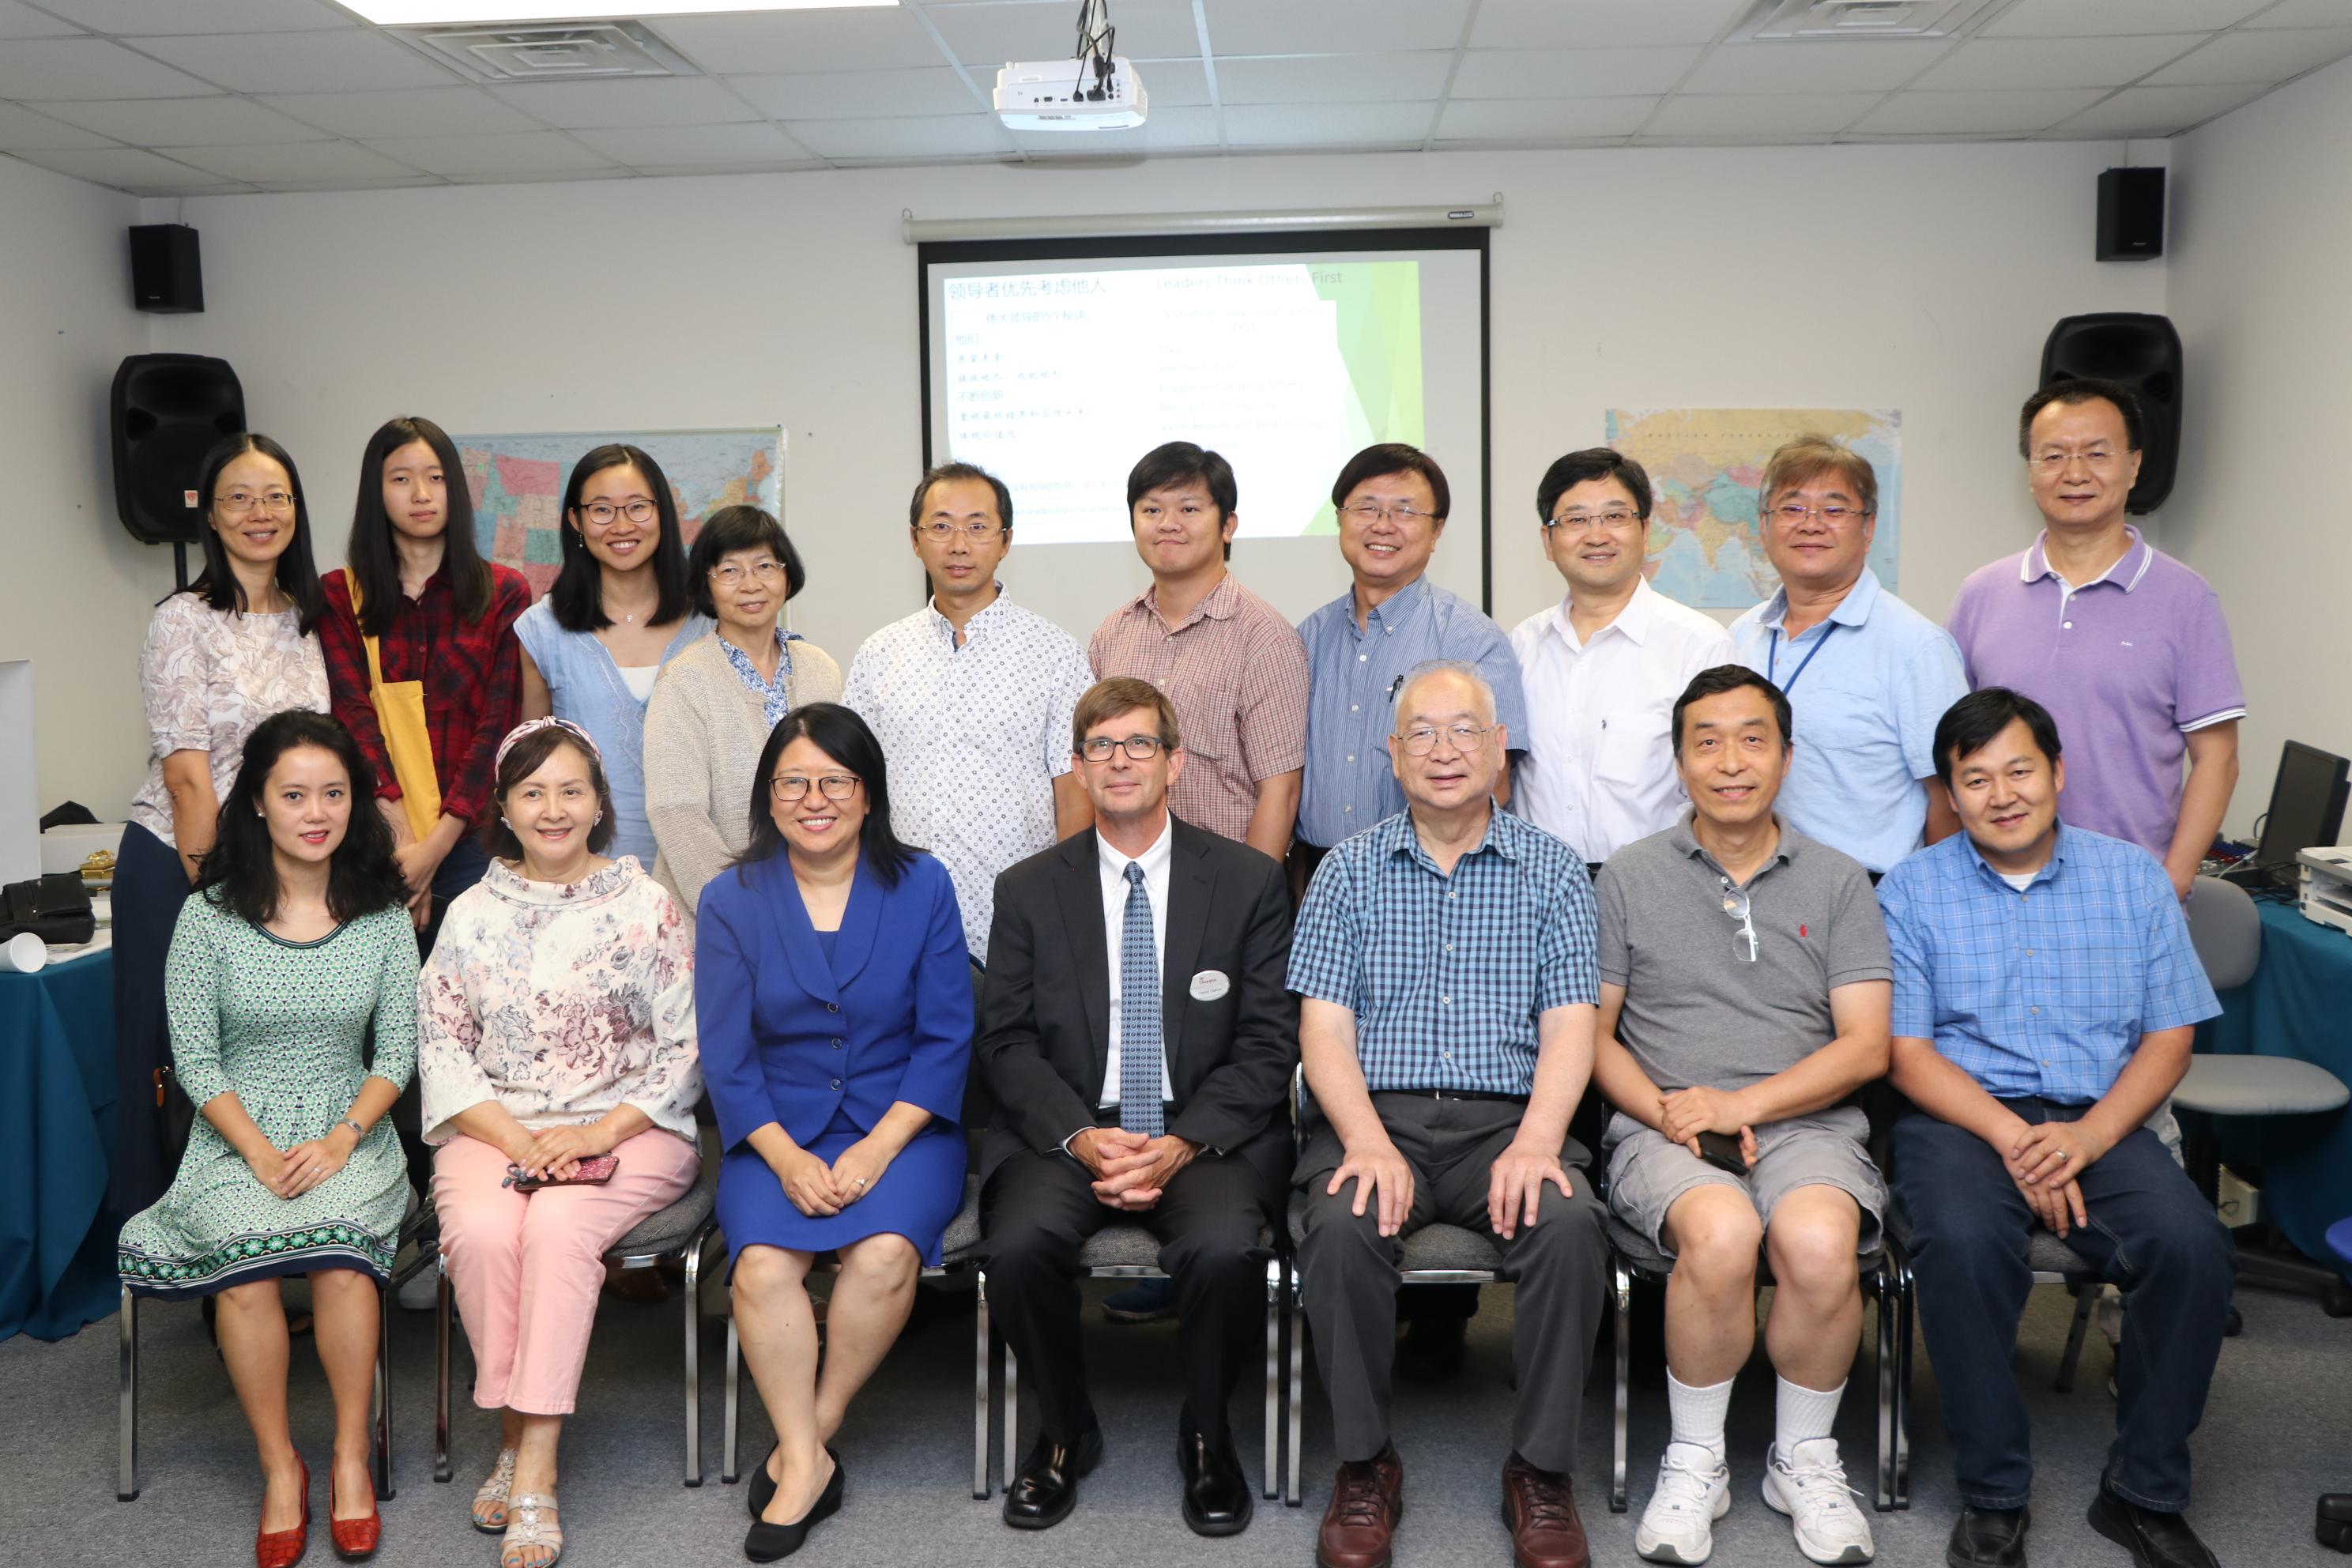 馮春梅(前排左三)提供自己的電腦公司會議室給國際基督徒華商協會使用,並和與會者合影。 (記者封昌明/攝影)